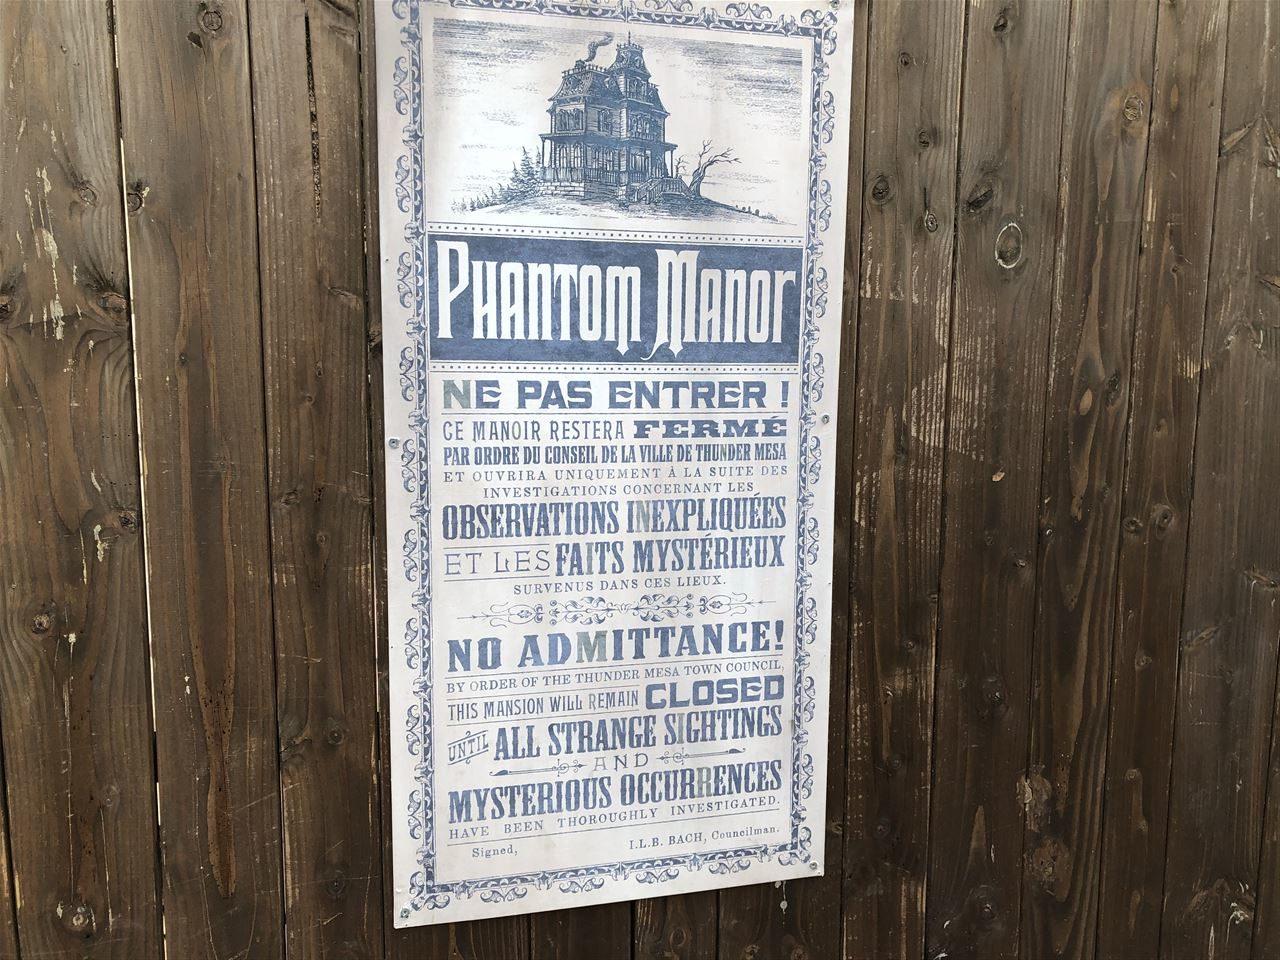 Die Geschichte von Thunder Mesa und Phantom Manor